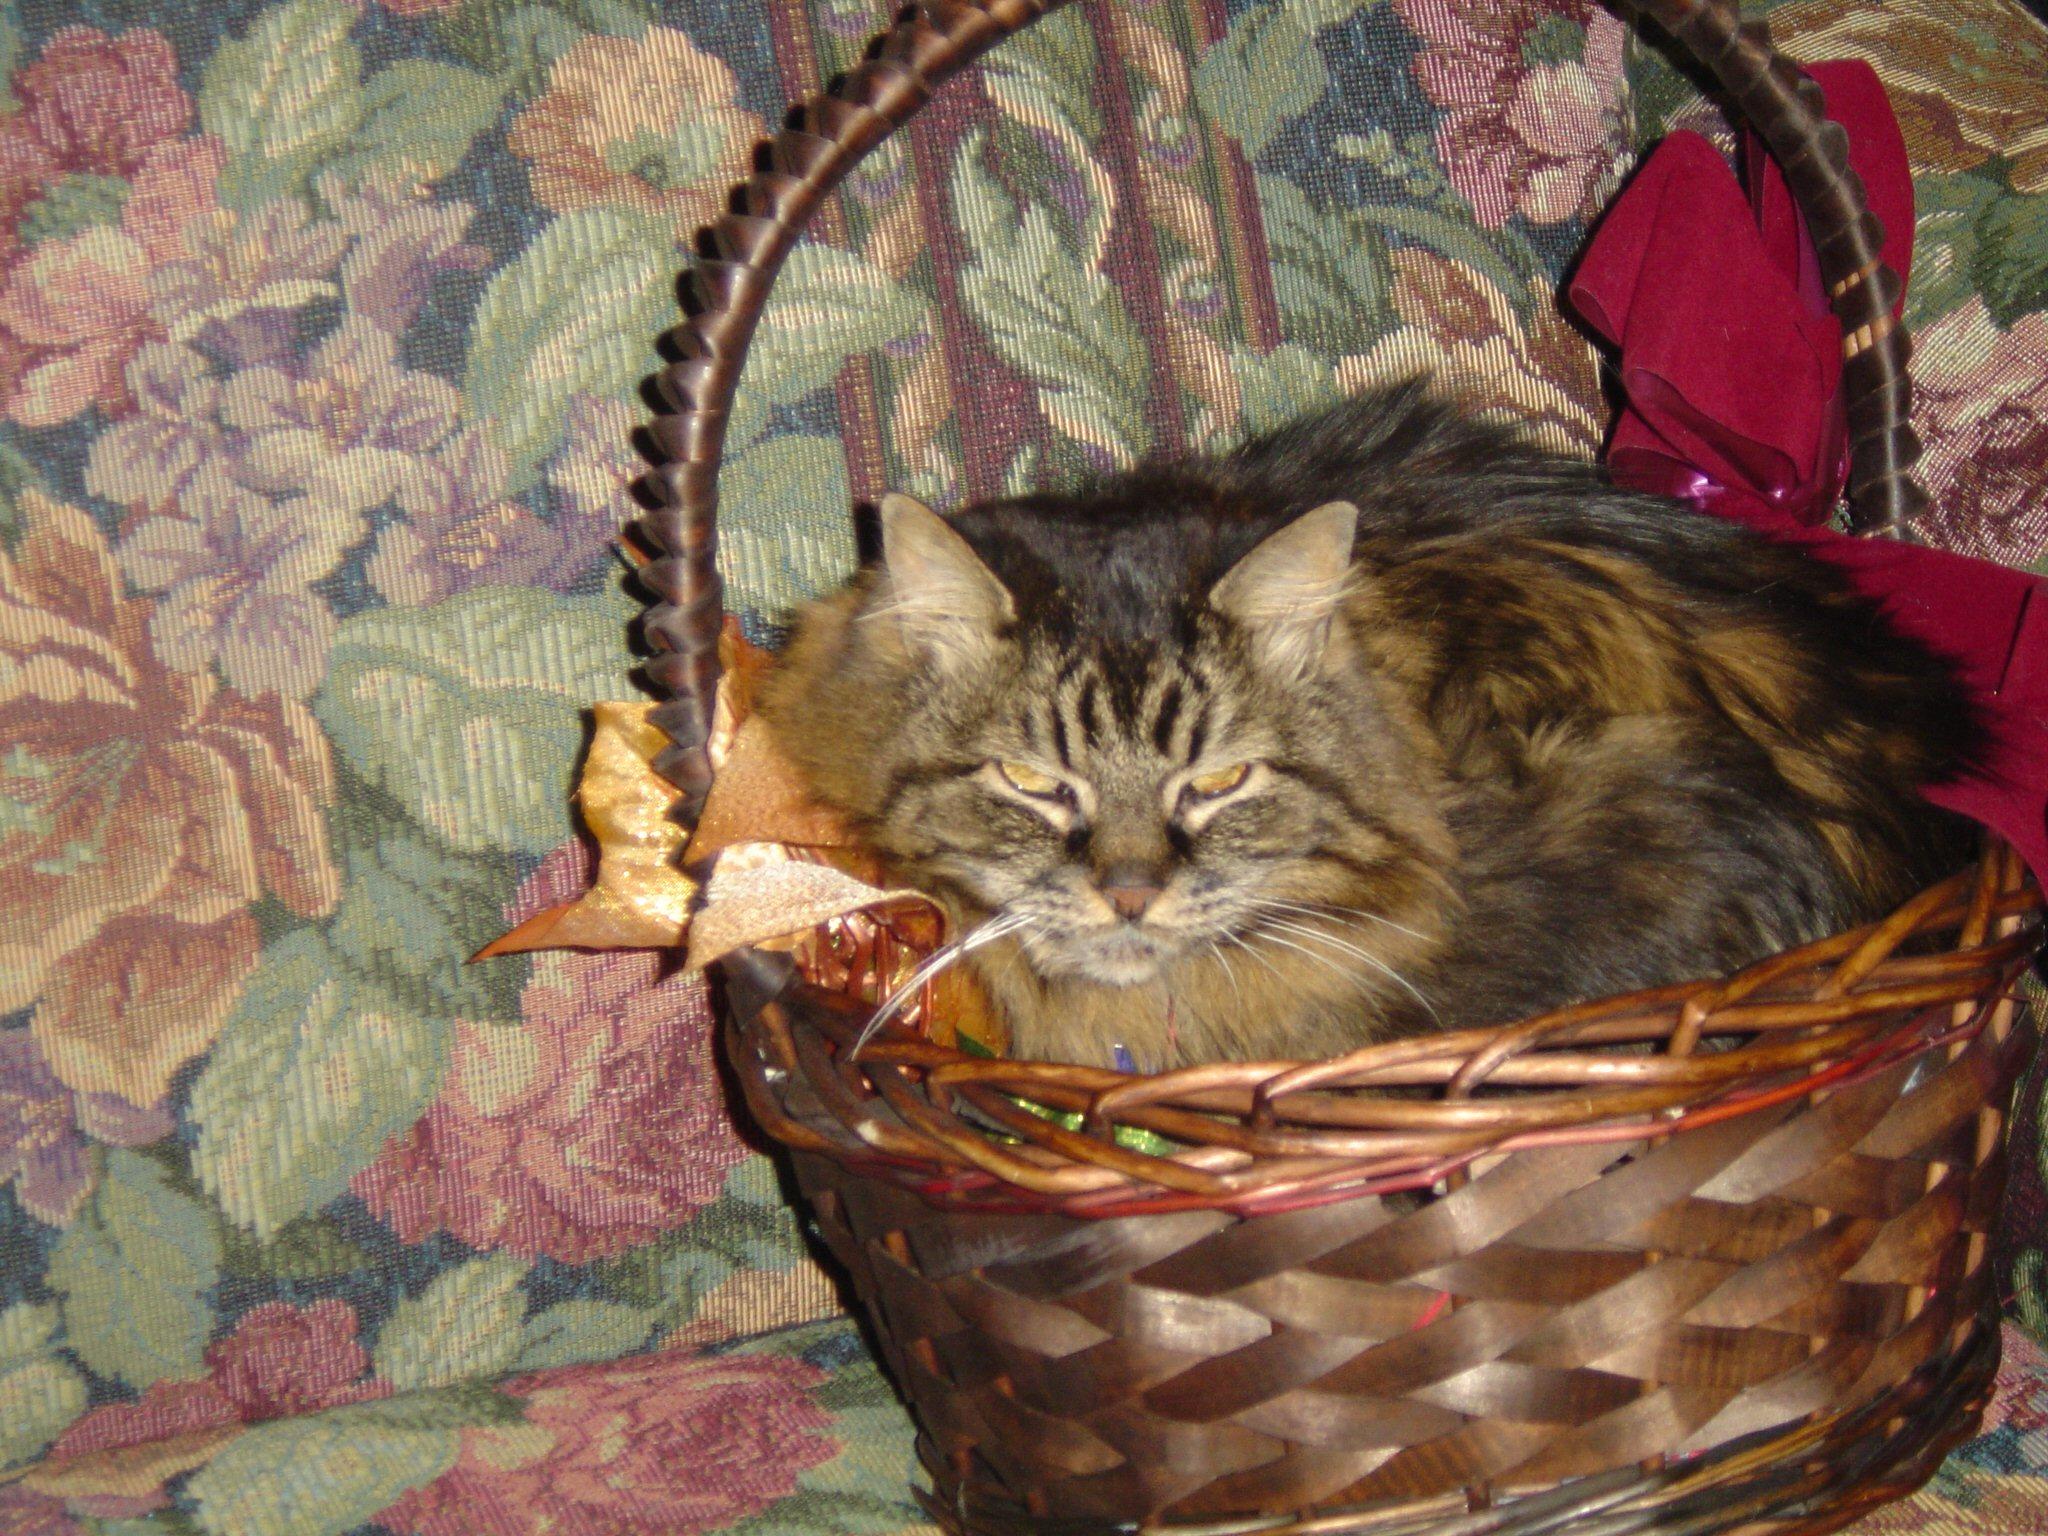 Keeter sitting in a basket.